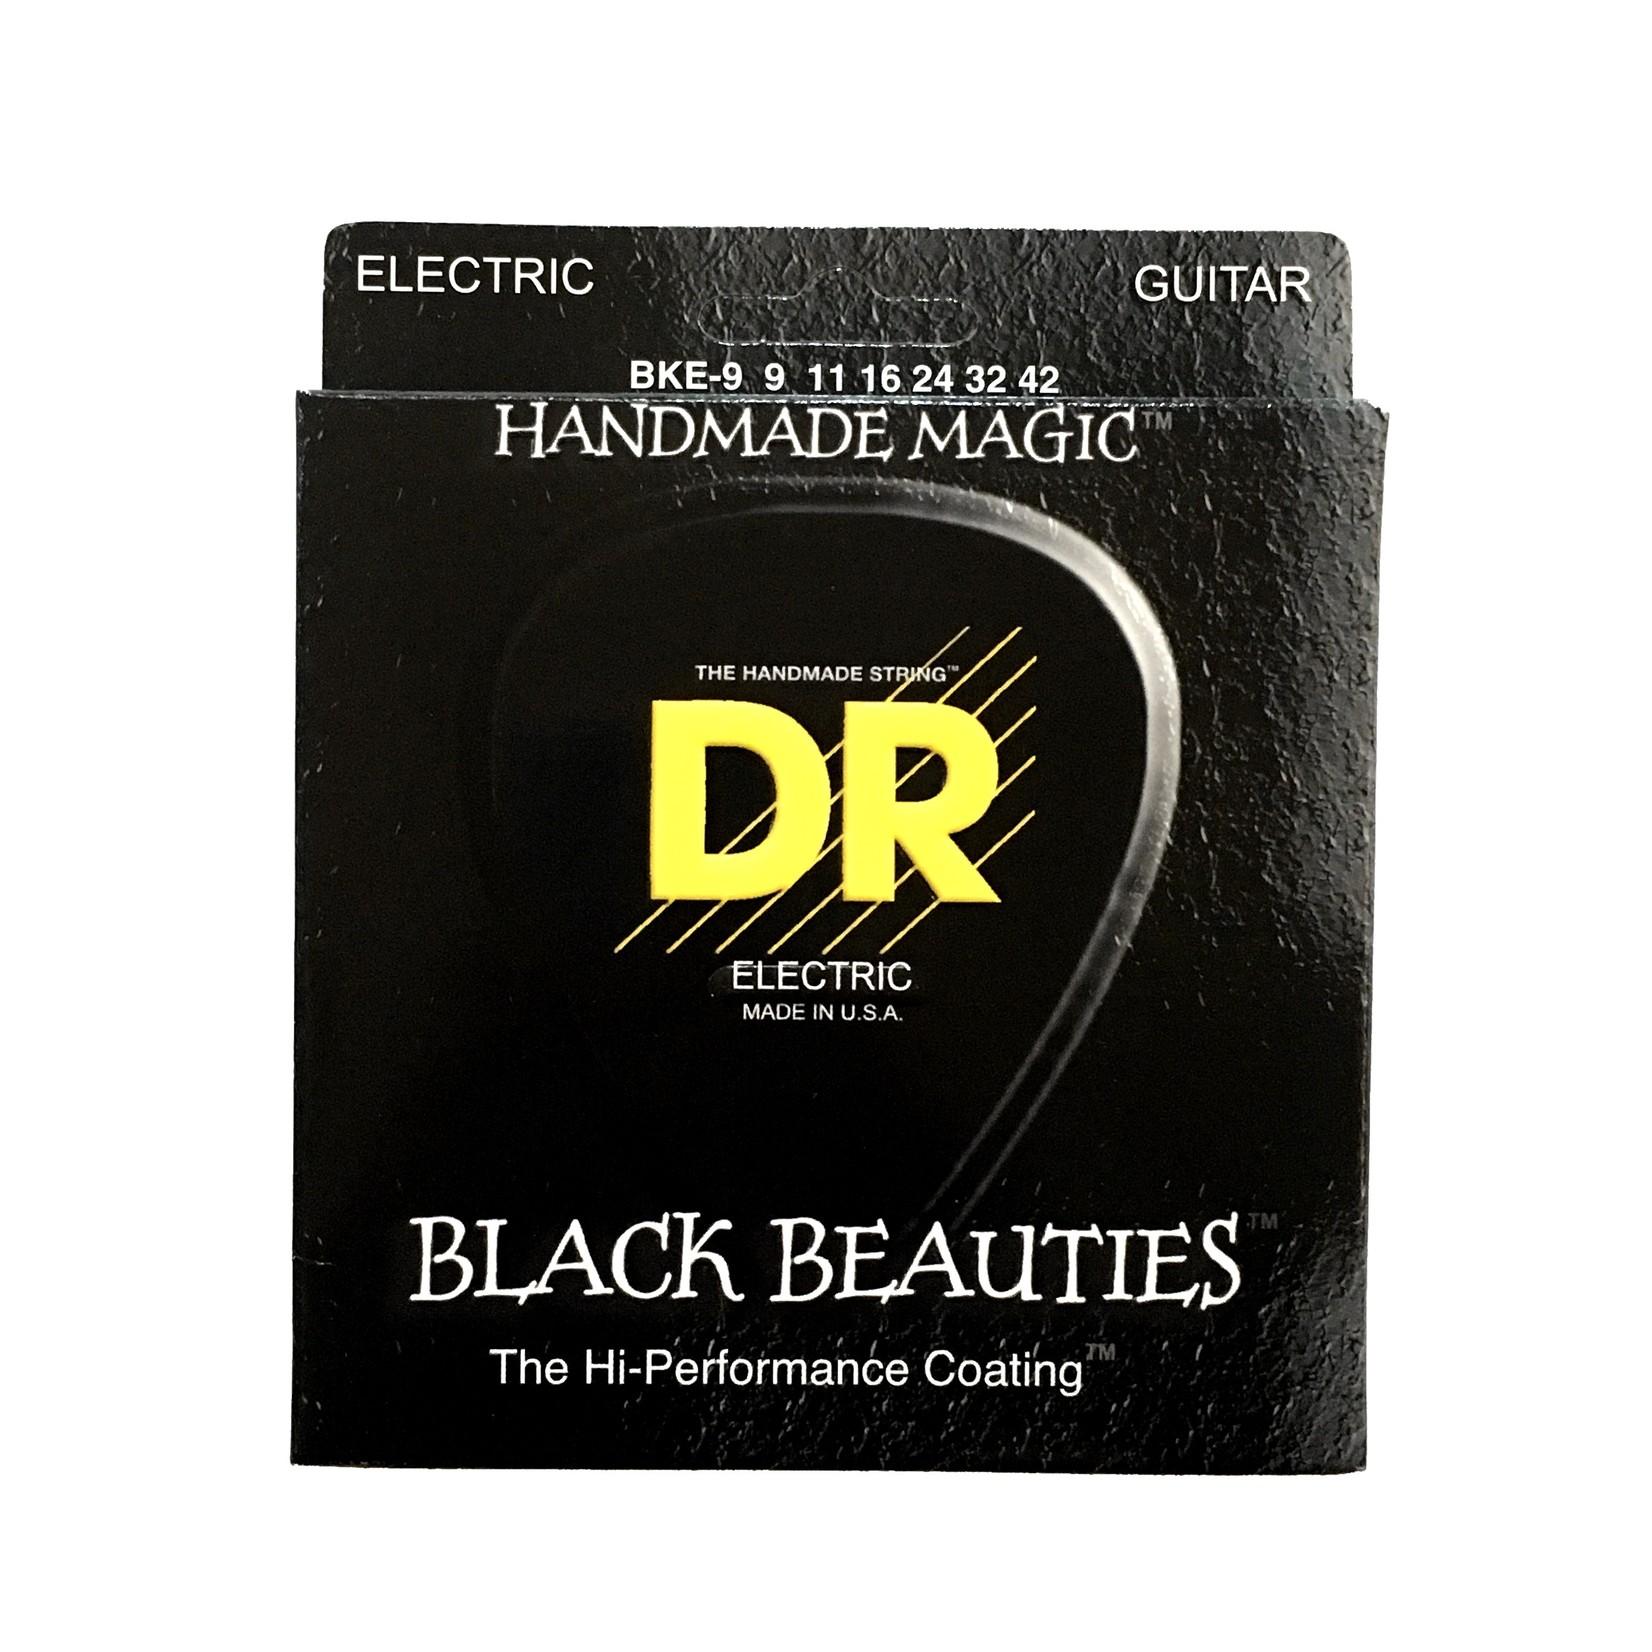 DR Strings 3x (three sets) DR BKE-9 Black Beauties Electric Guitar Strings (9-42) K3ª Black Coated